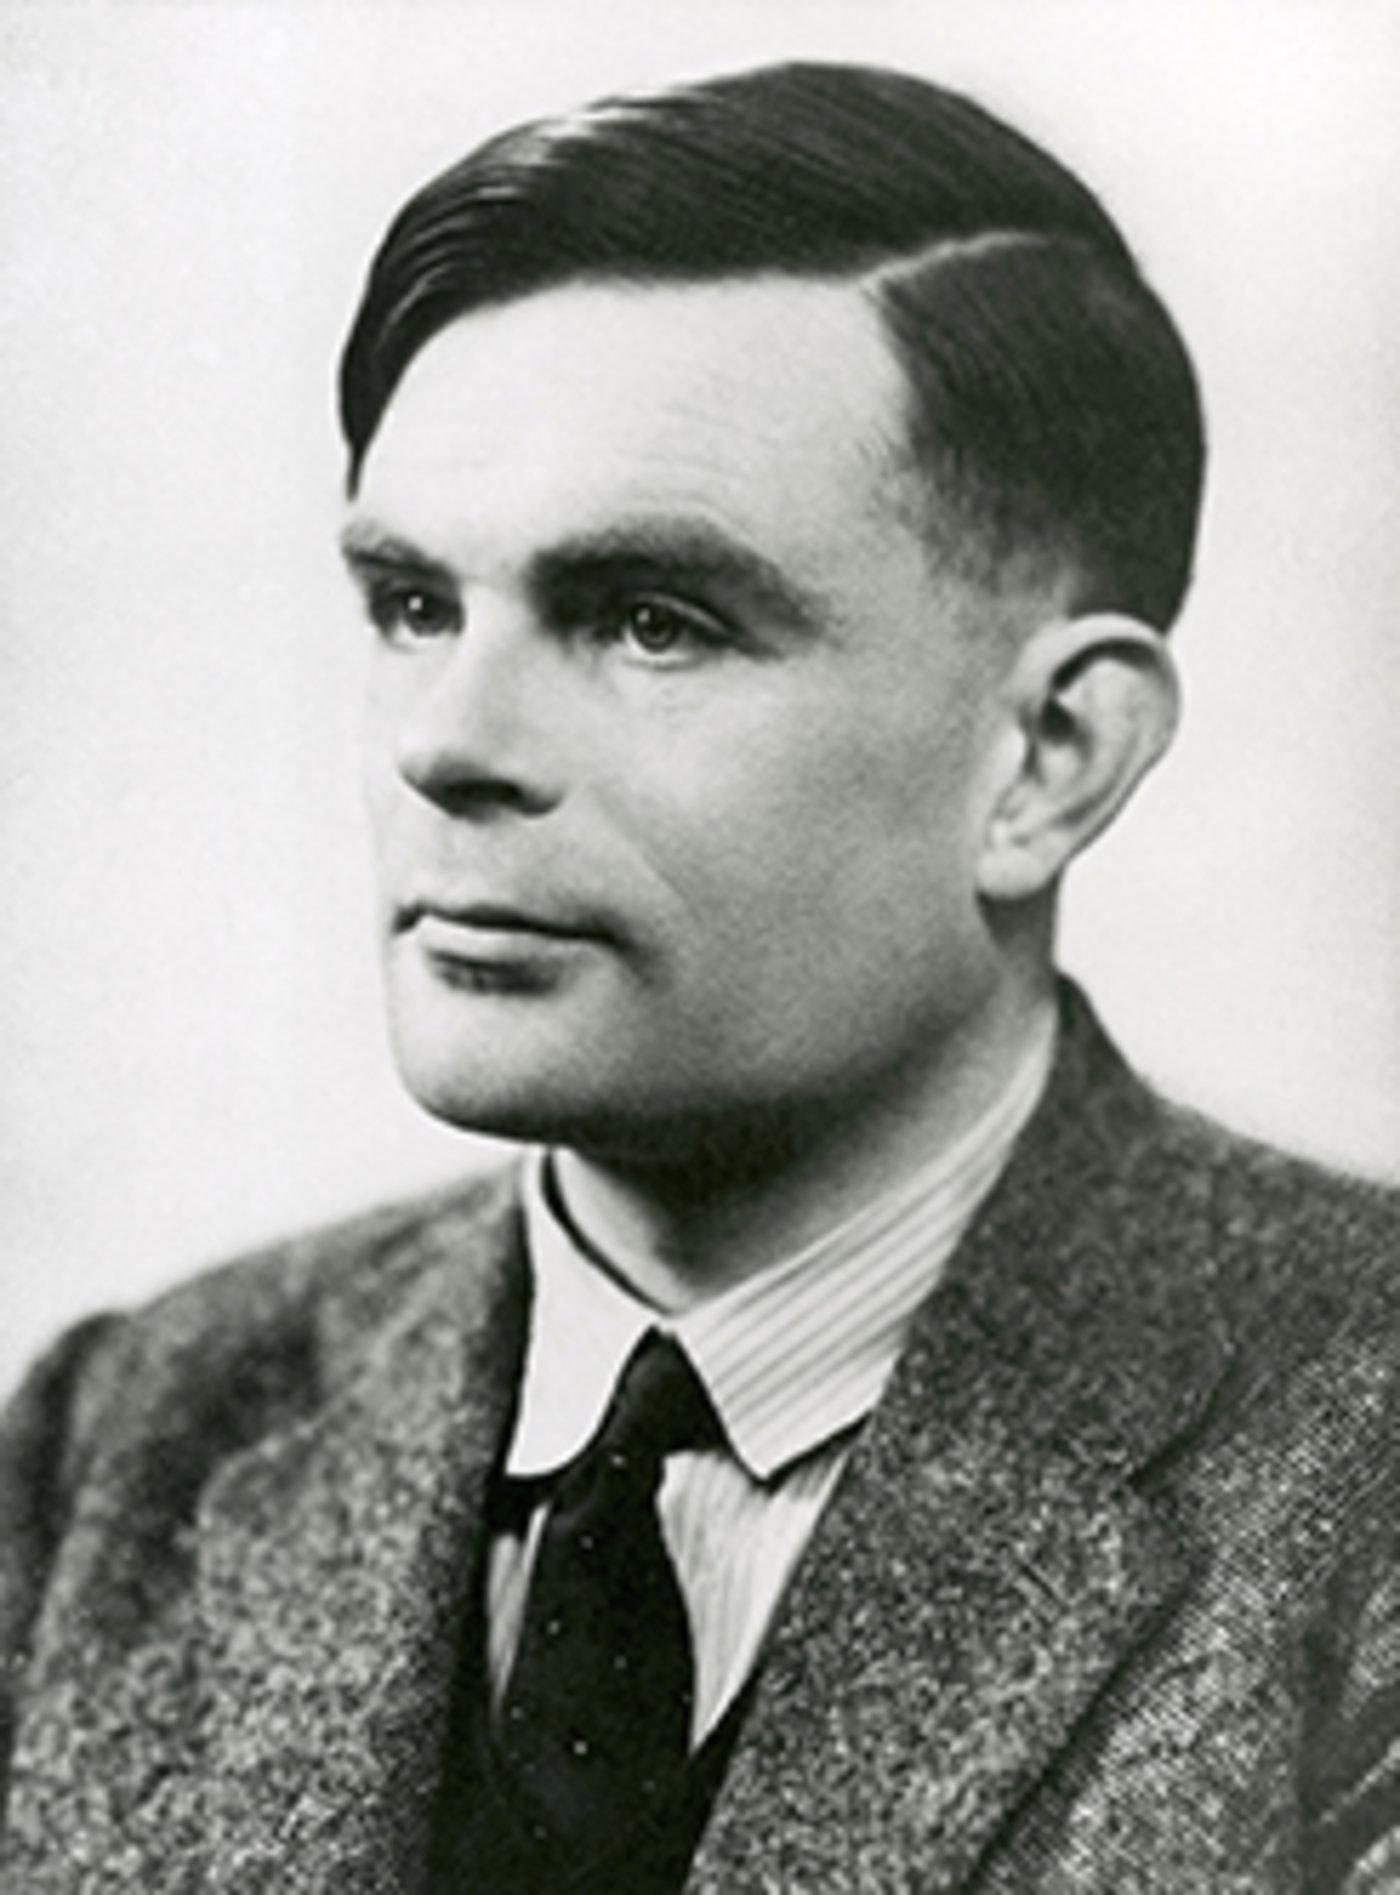 1936年,阿兰·图灵提出了现代计算机的概念。 (来源:NPL/Science Museum)